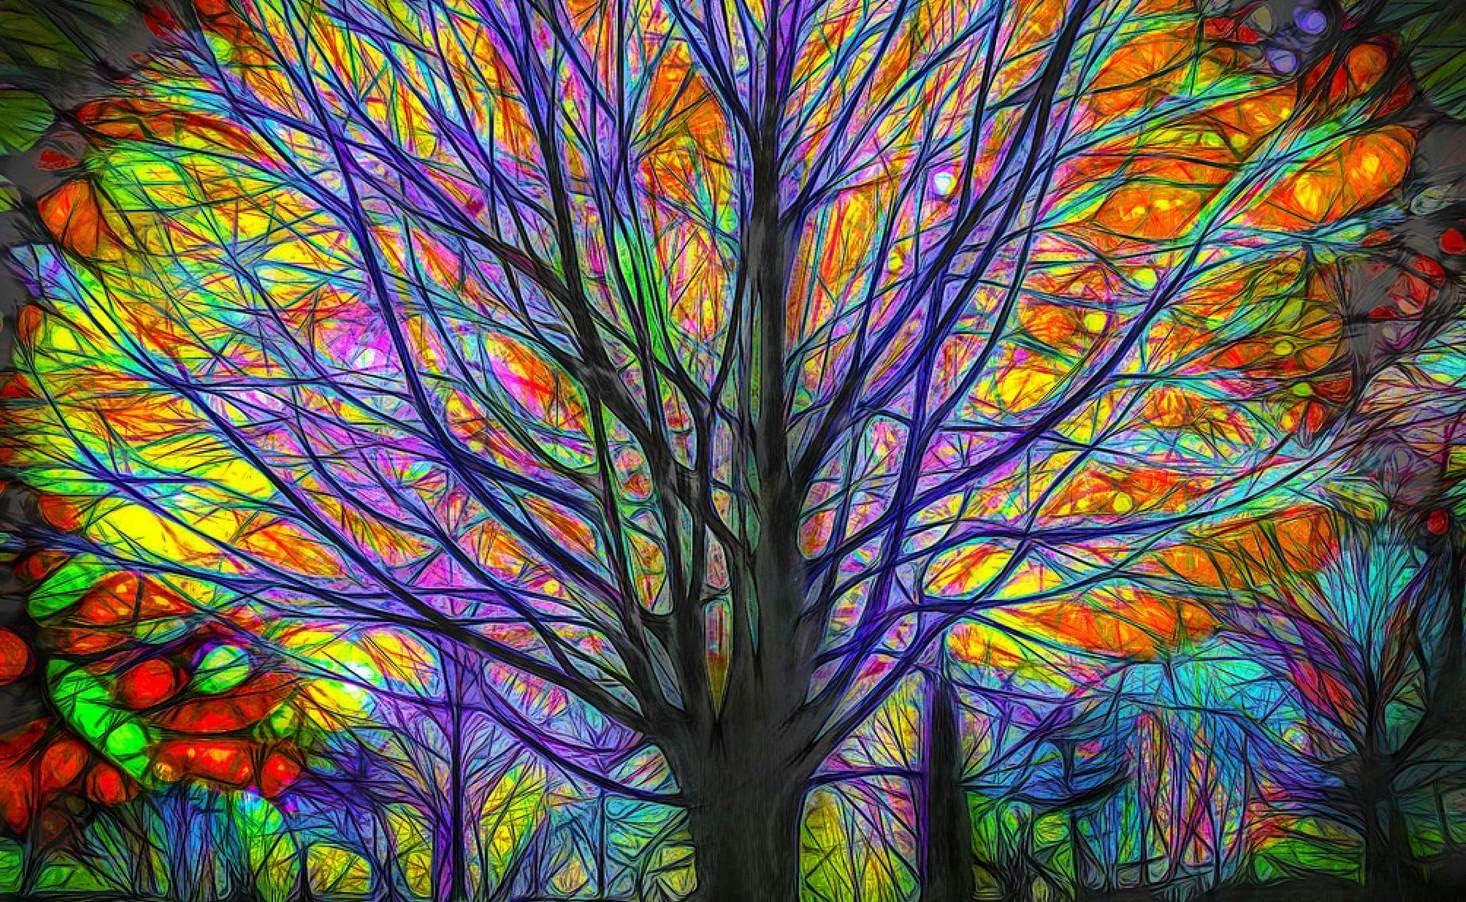 YDPTYANG Kinder Puzzle 500 St/ück Abstrakter bunter Baum Erwachsene H/ölzernes Puzzle Spiels Spielzeug Puzzles